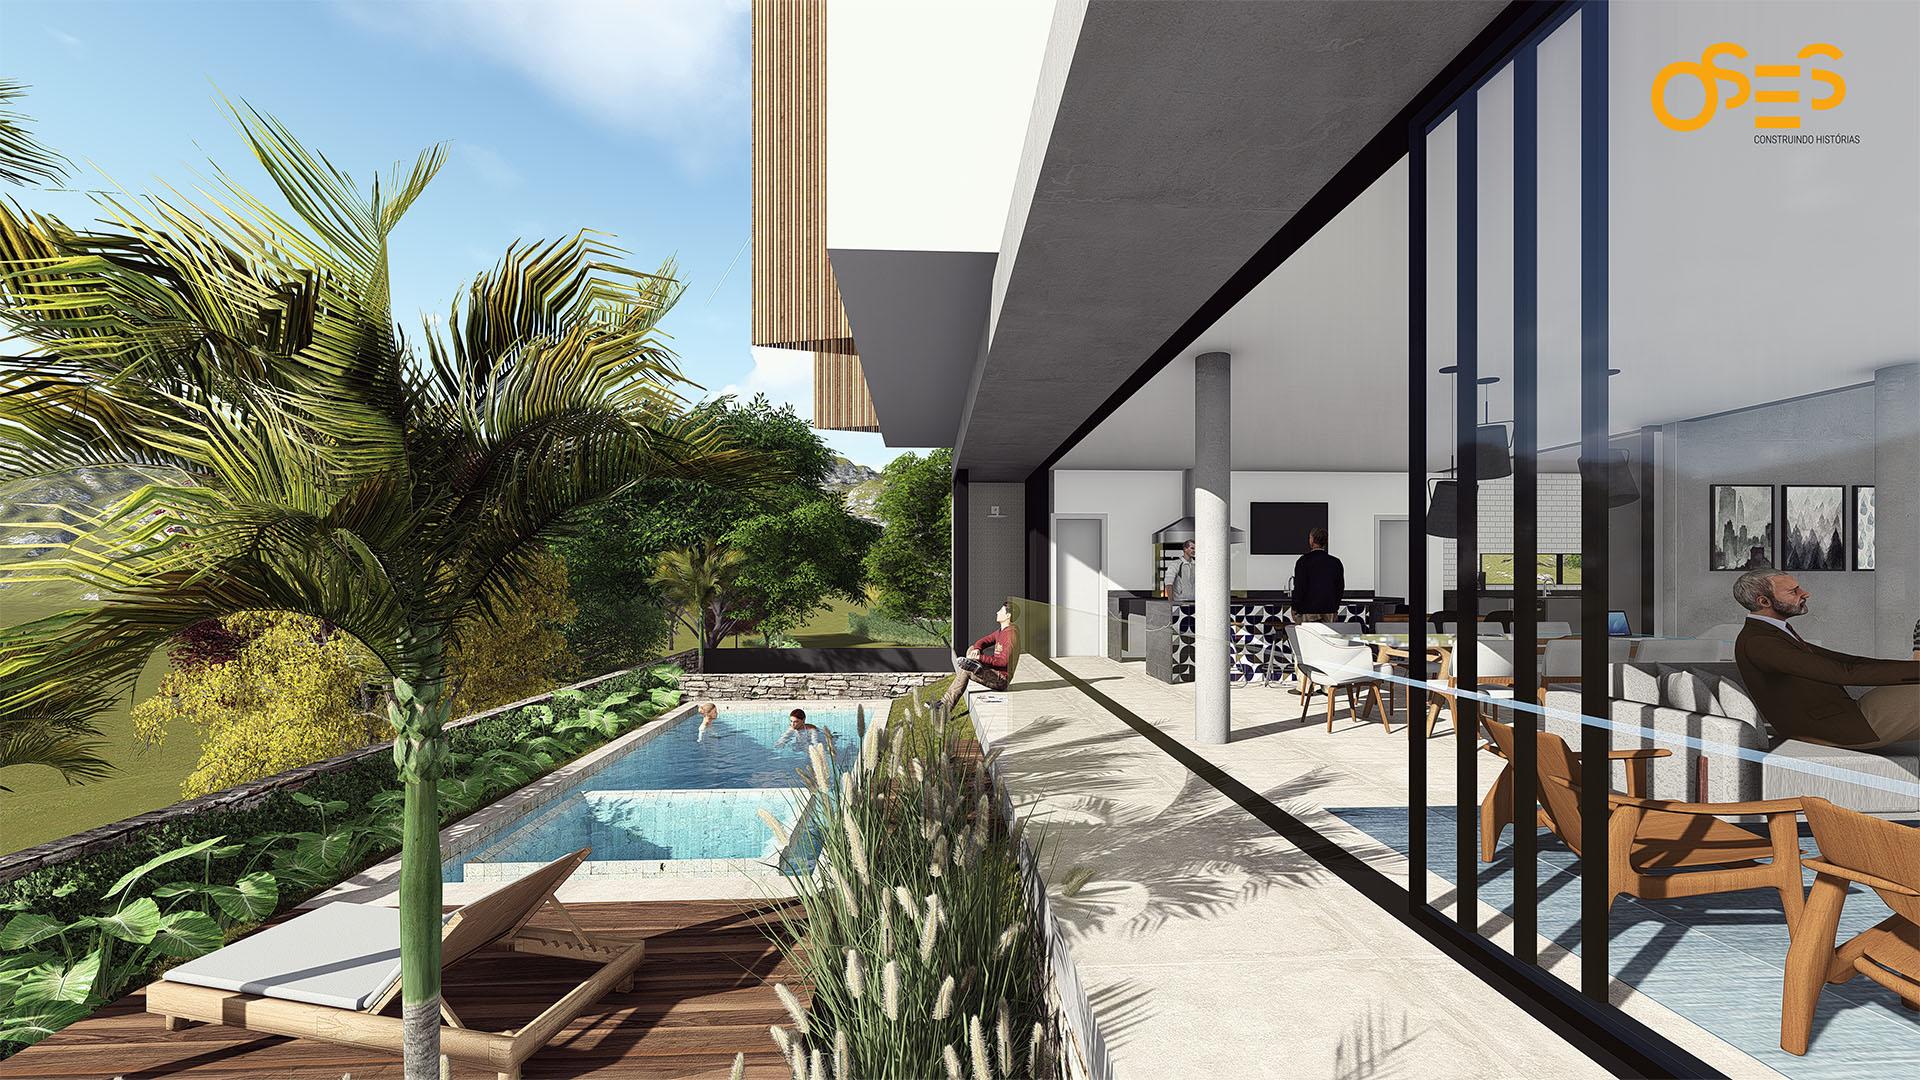 casa_alpha_oses_construtora (11)